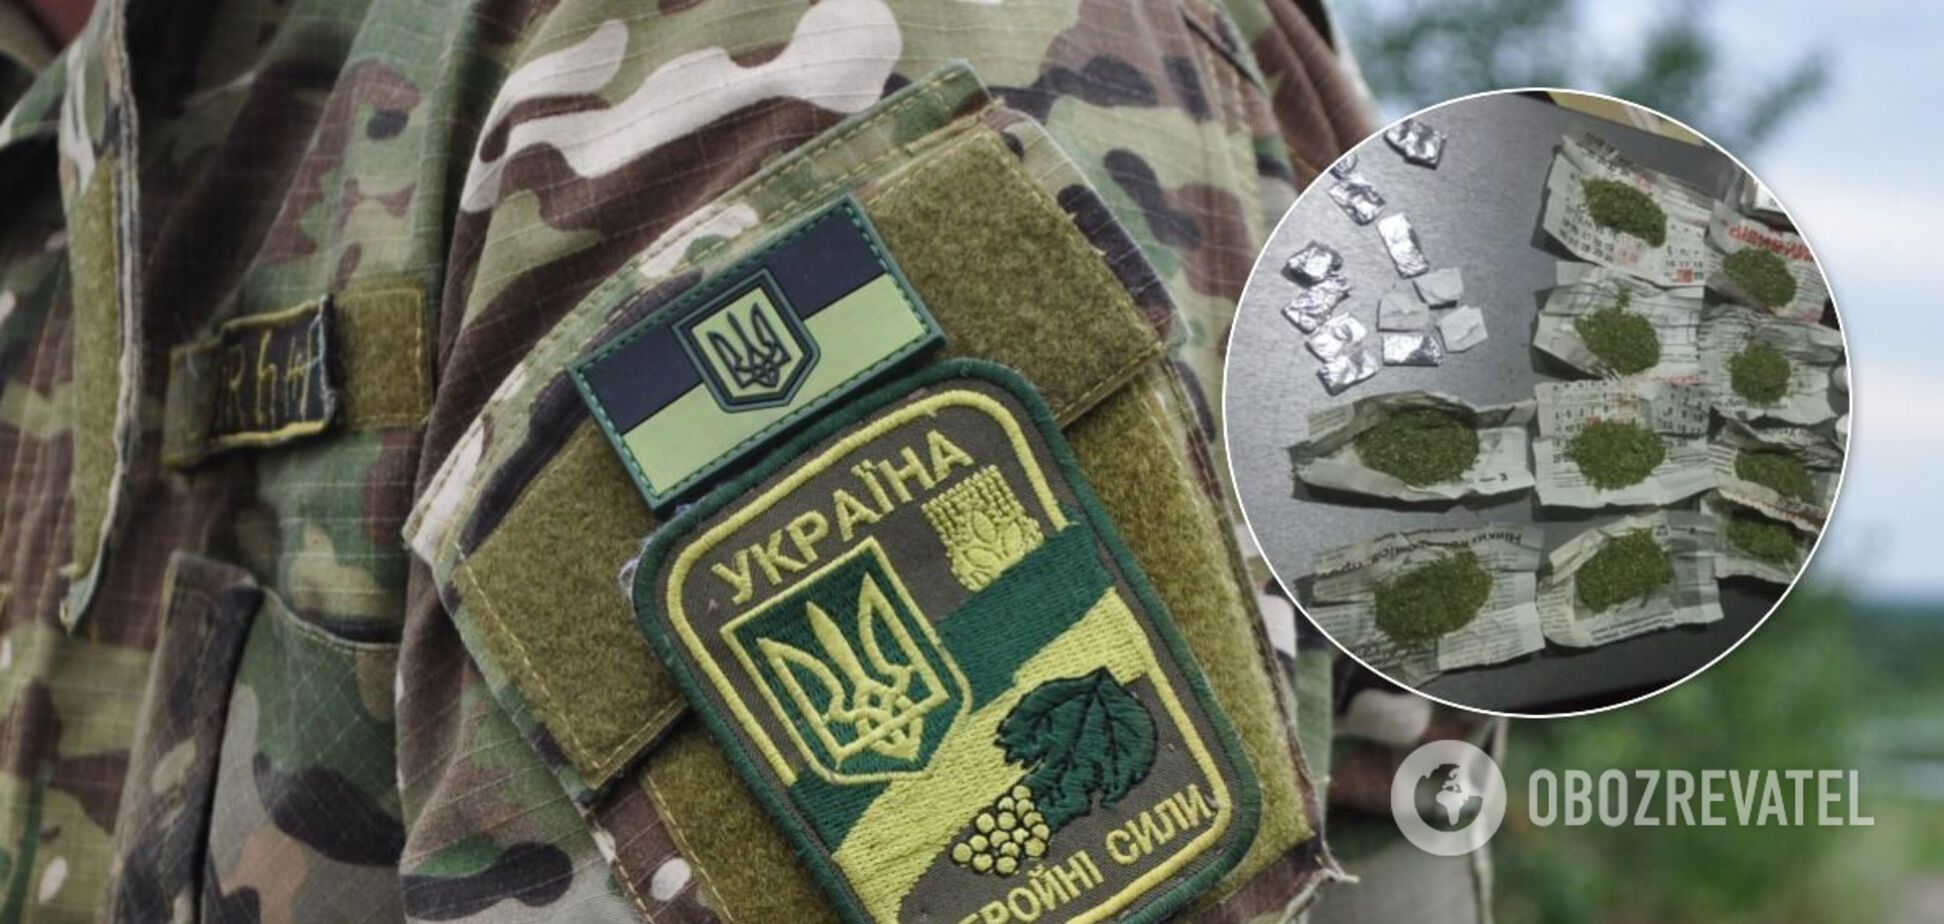 У Житомирі затримали десантника за торгівлю наркотиками: йому загрожує до 10 років в'язниці